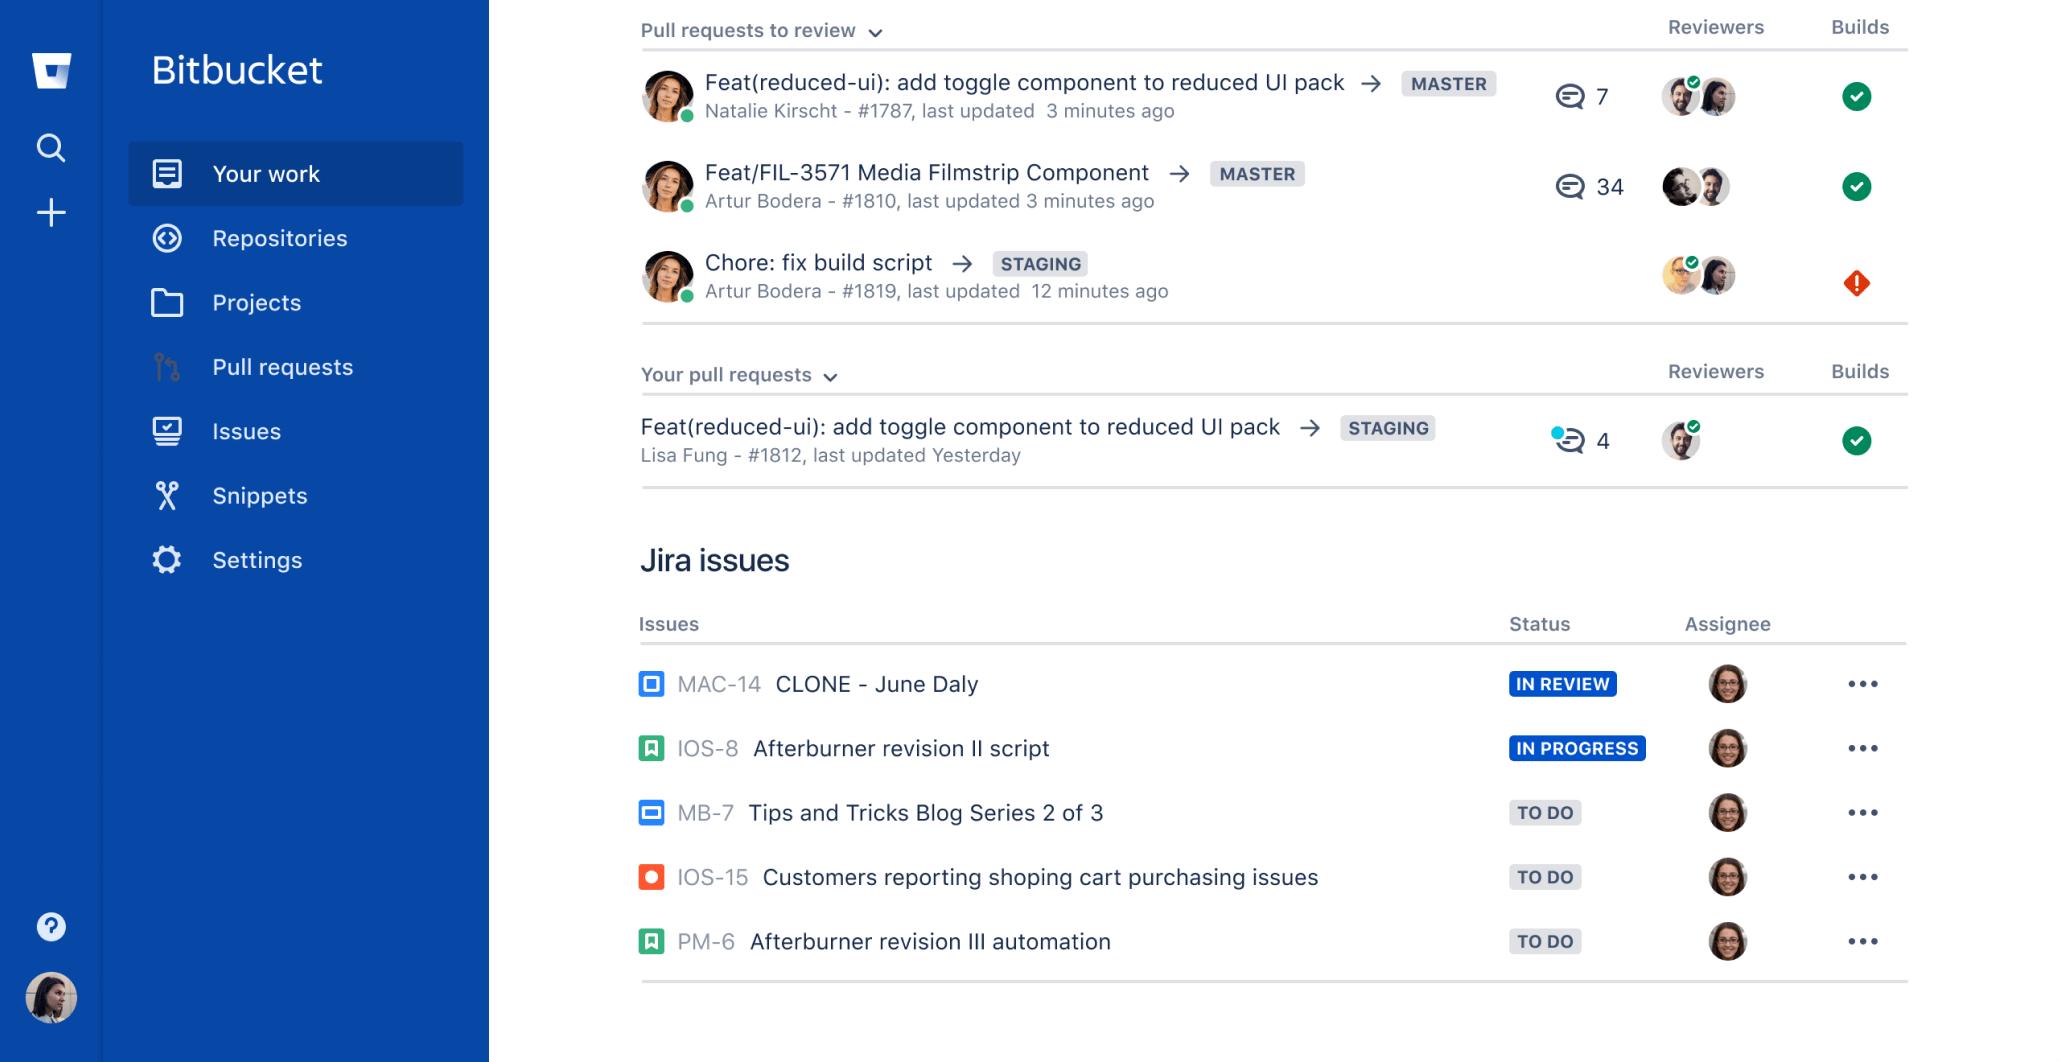 Captura de tela do painel do Bitbucket